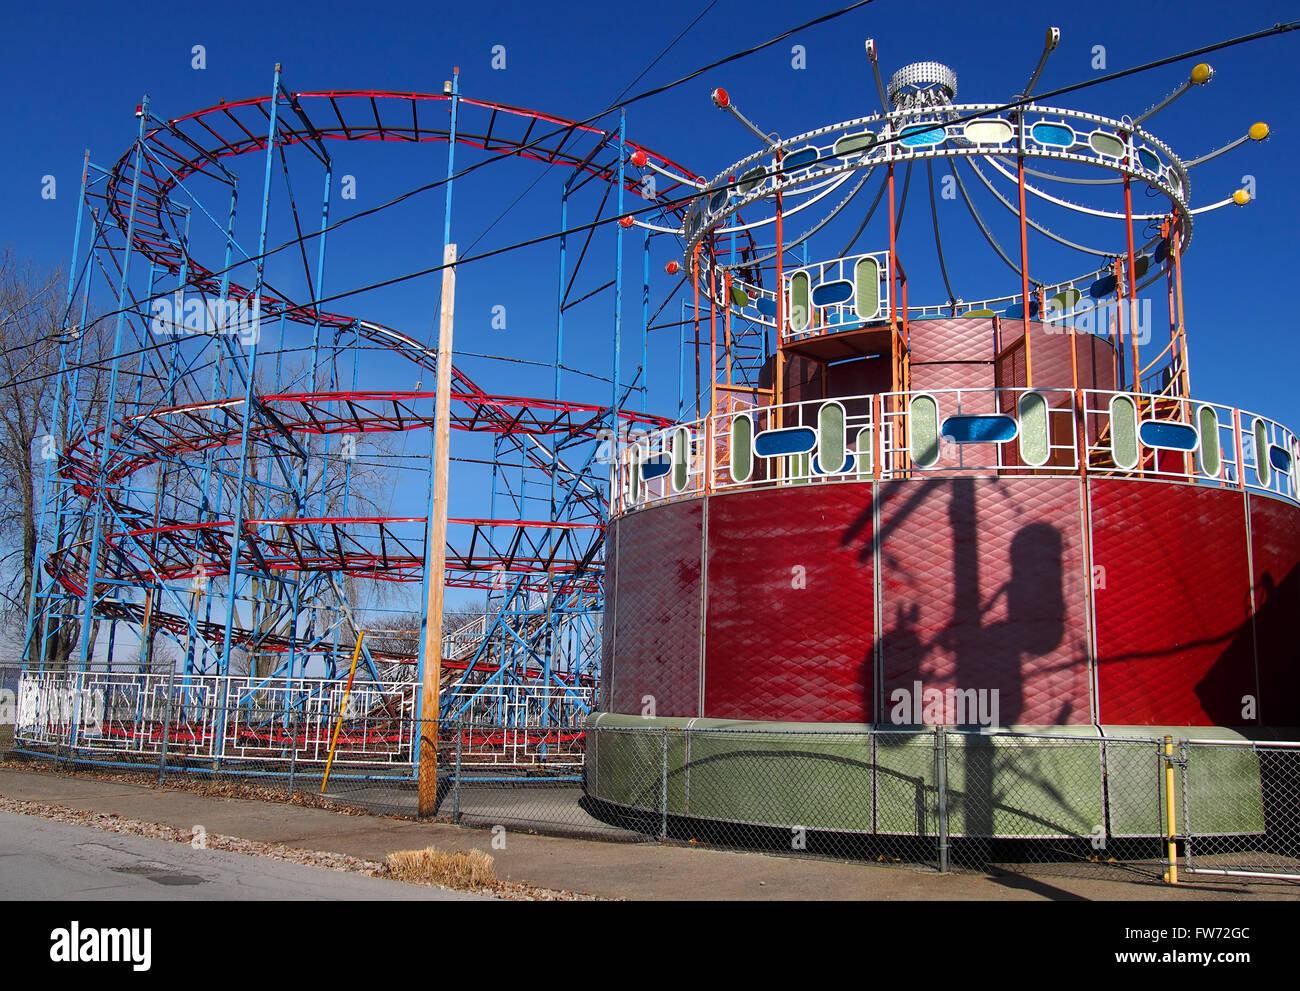 closed retro amusement park stock image